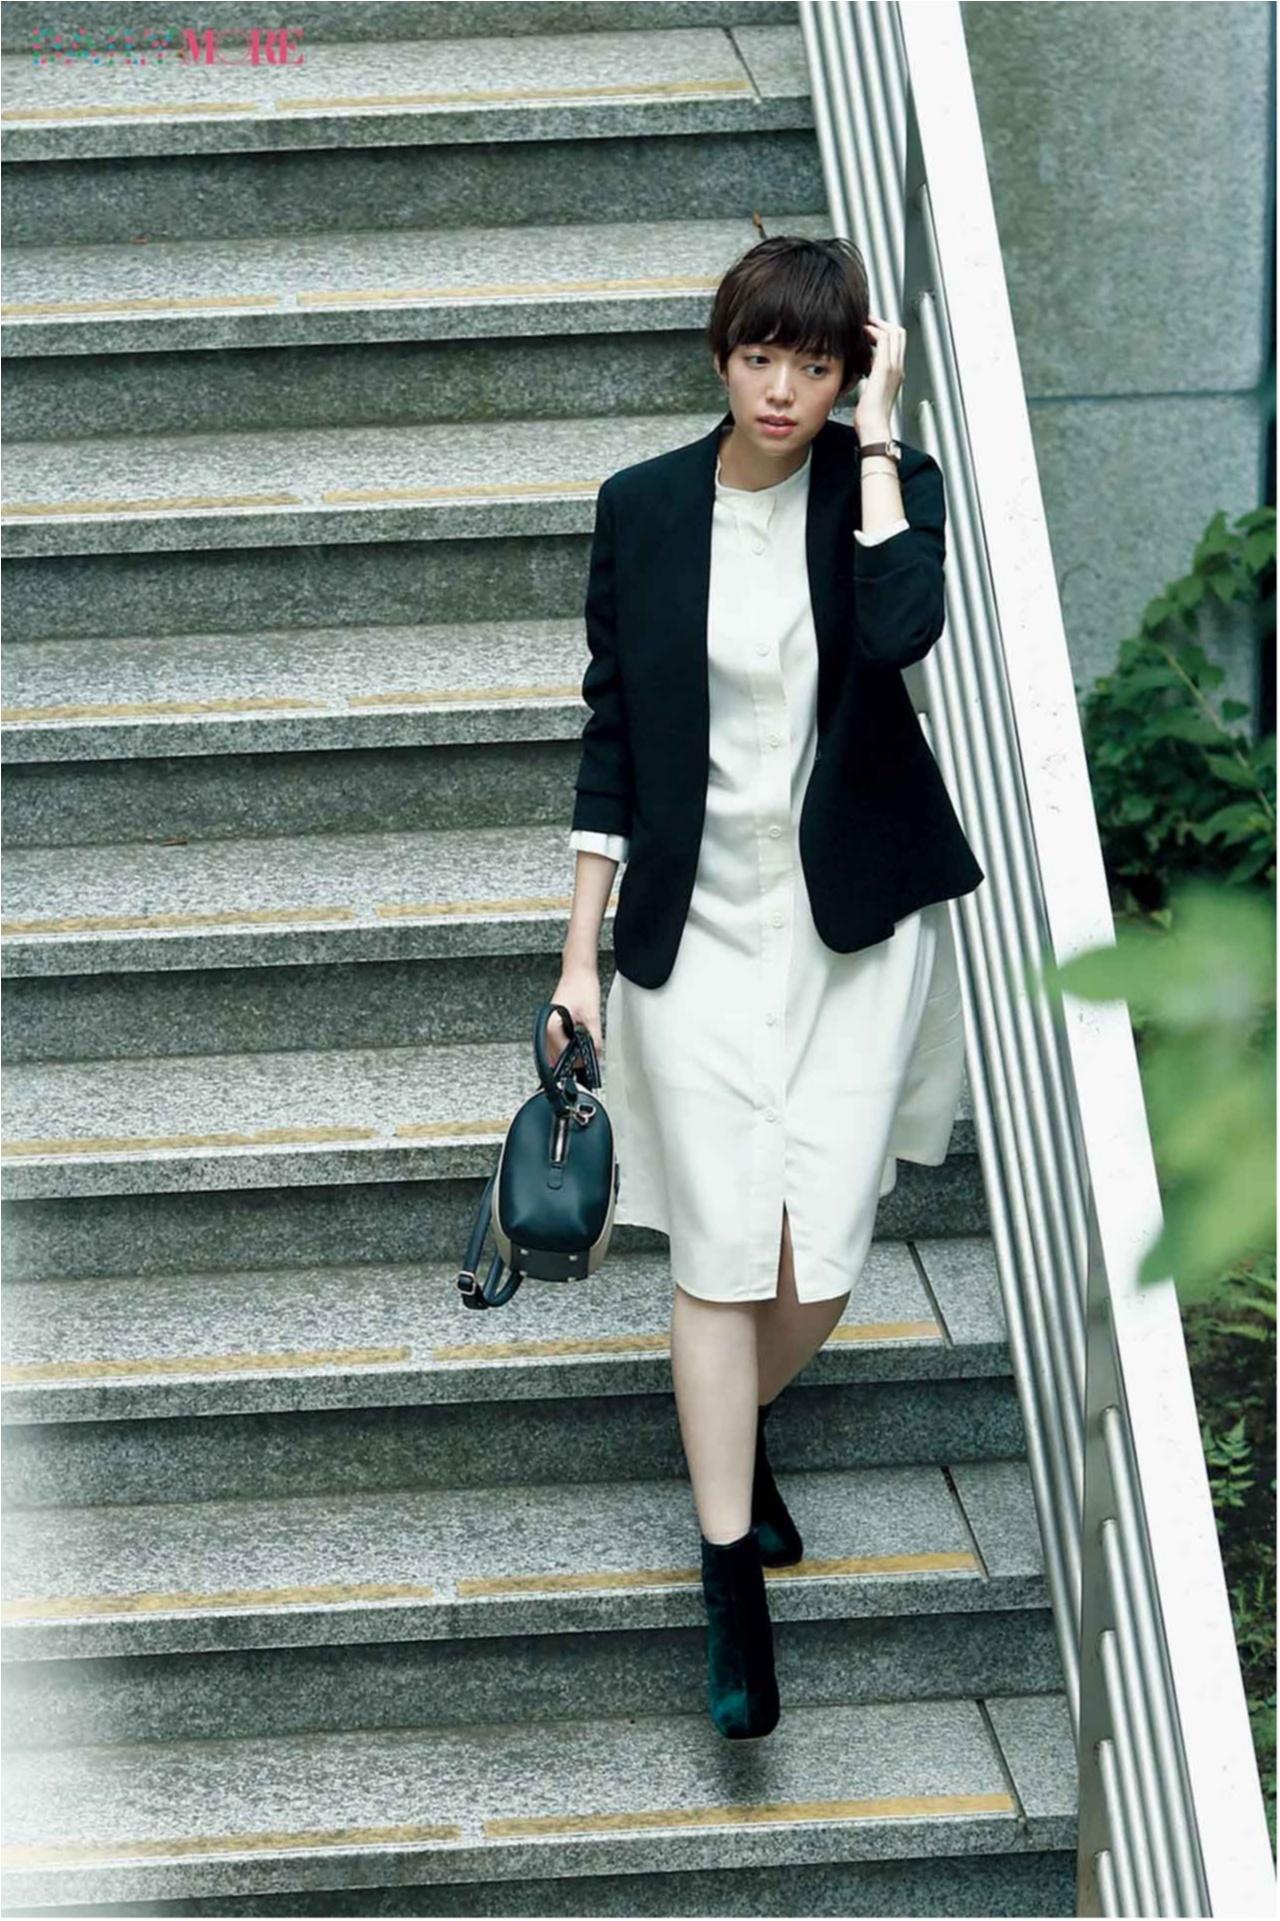 秋冬に着たいおしゃれなオフィスカジュアル♪  旬の「お仕事服見本」まとめ♡_1_6